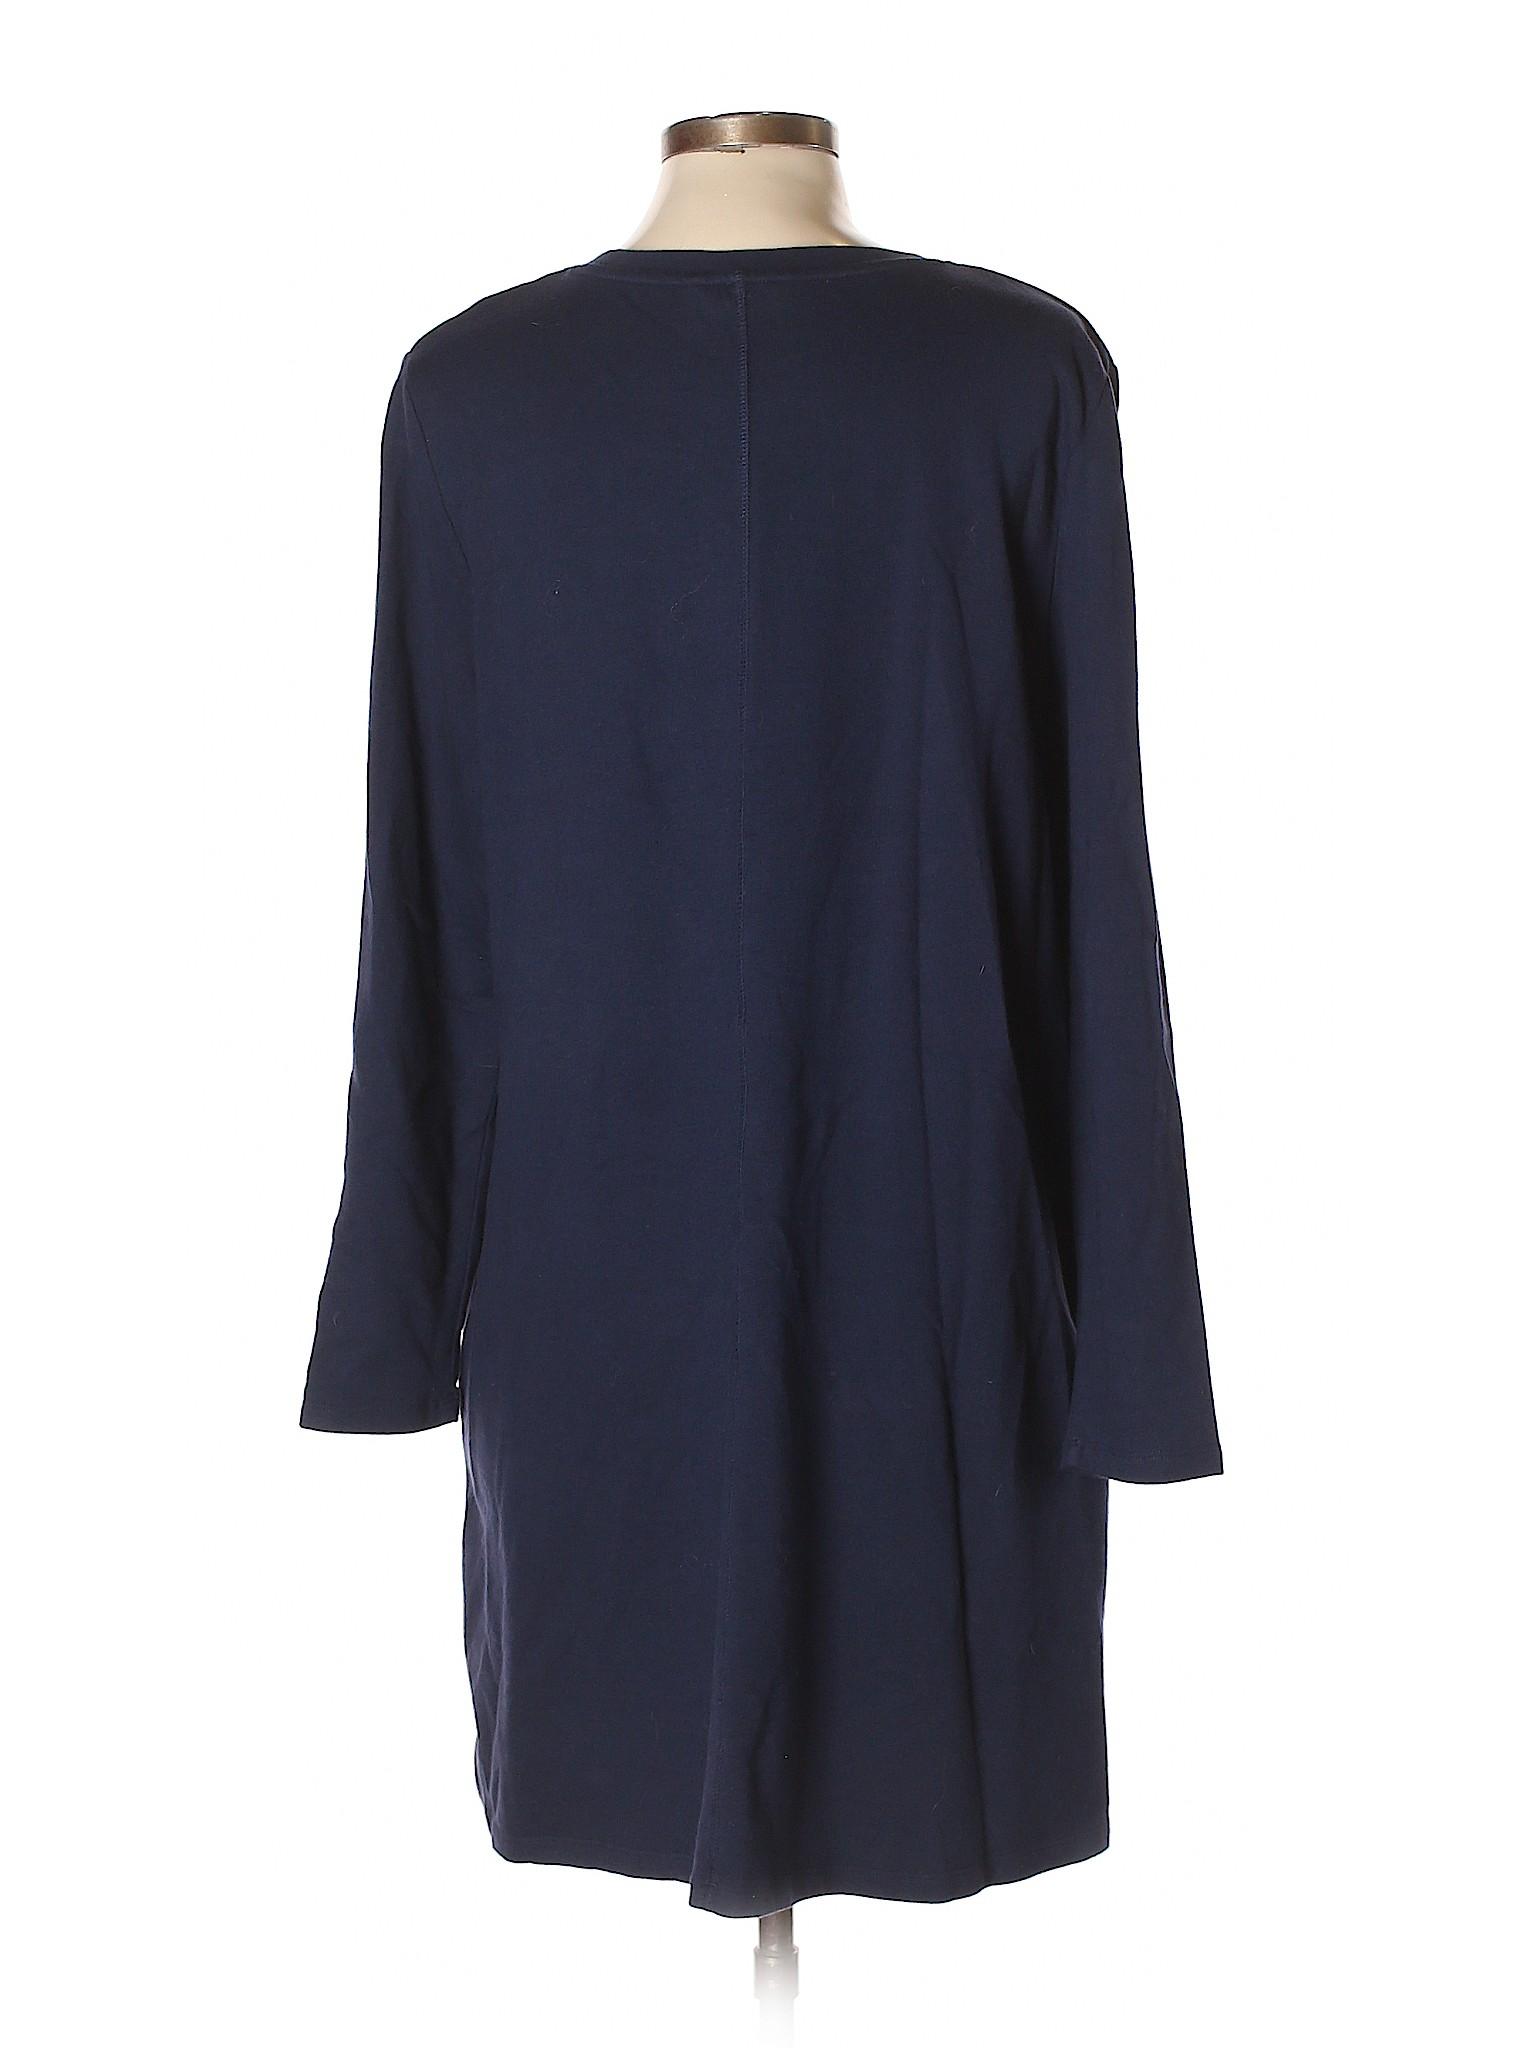 Dress Boutique Boden Dress winter winter Boutique Casual Casual Boden winter Boden Boutique Casual wg86wqCI